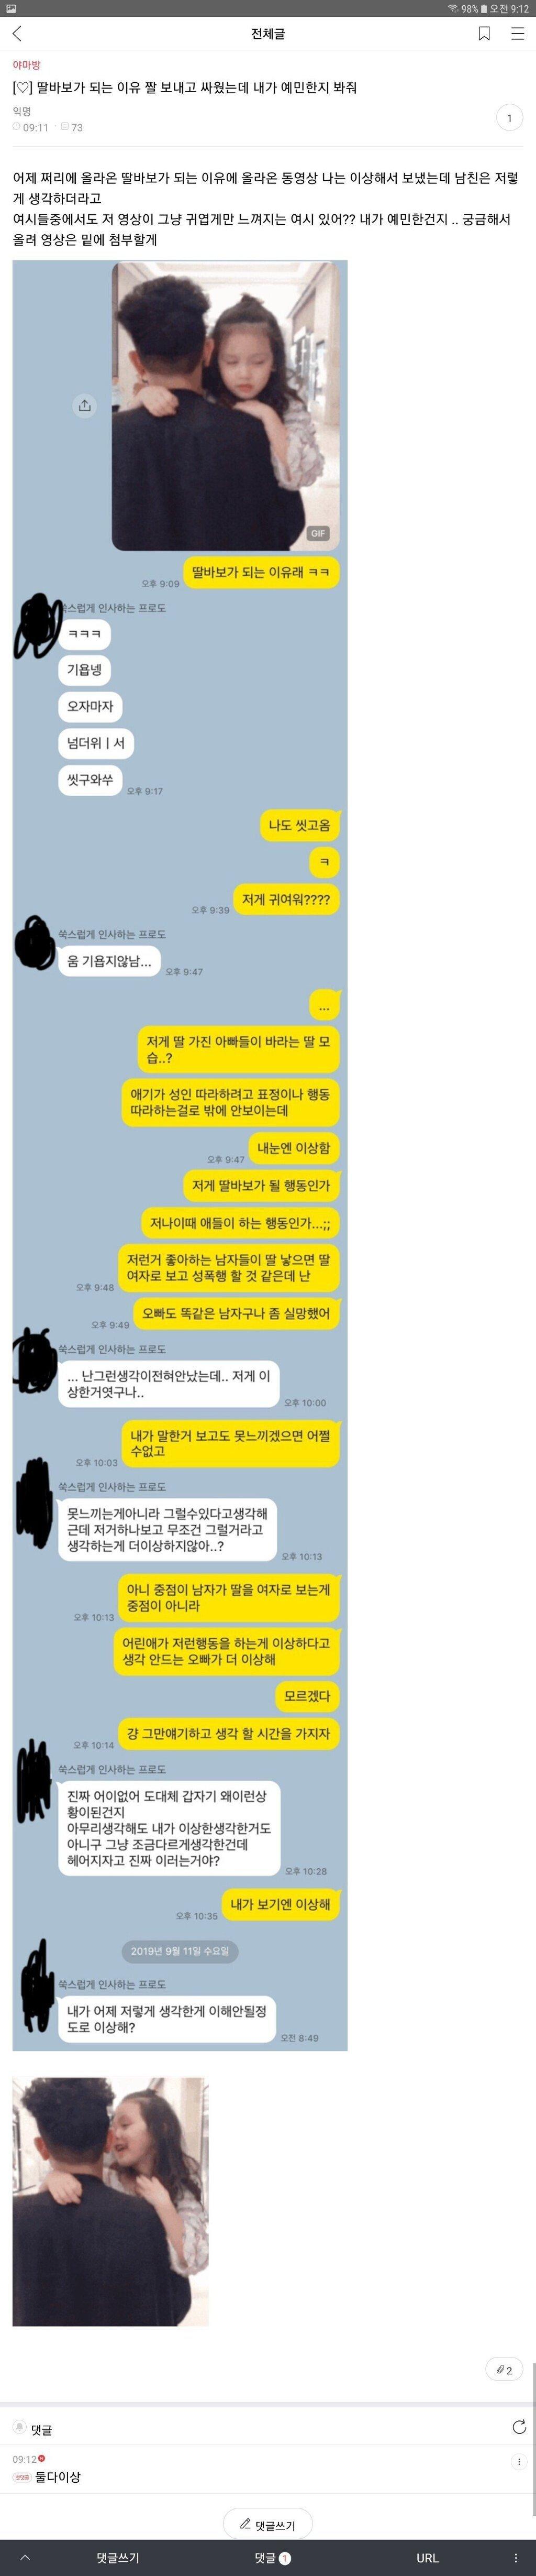 52.jpg 딸바보 짤을 본 남친한테 빡친 여시 언냐 ㄷㄷㄷ.jpgif